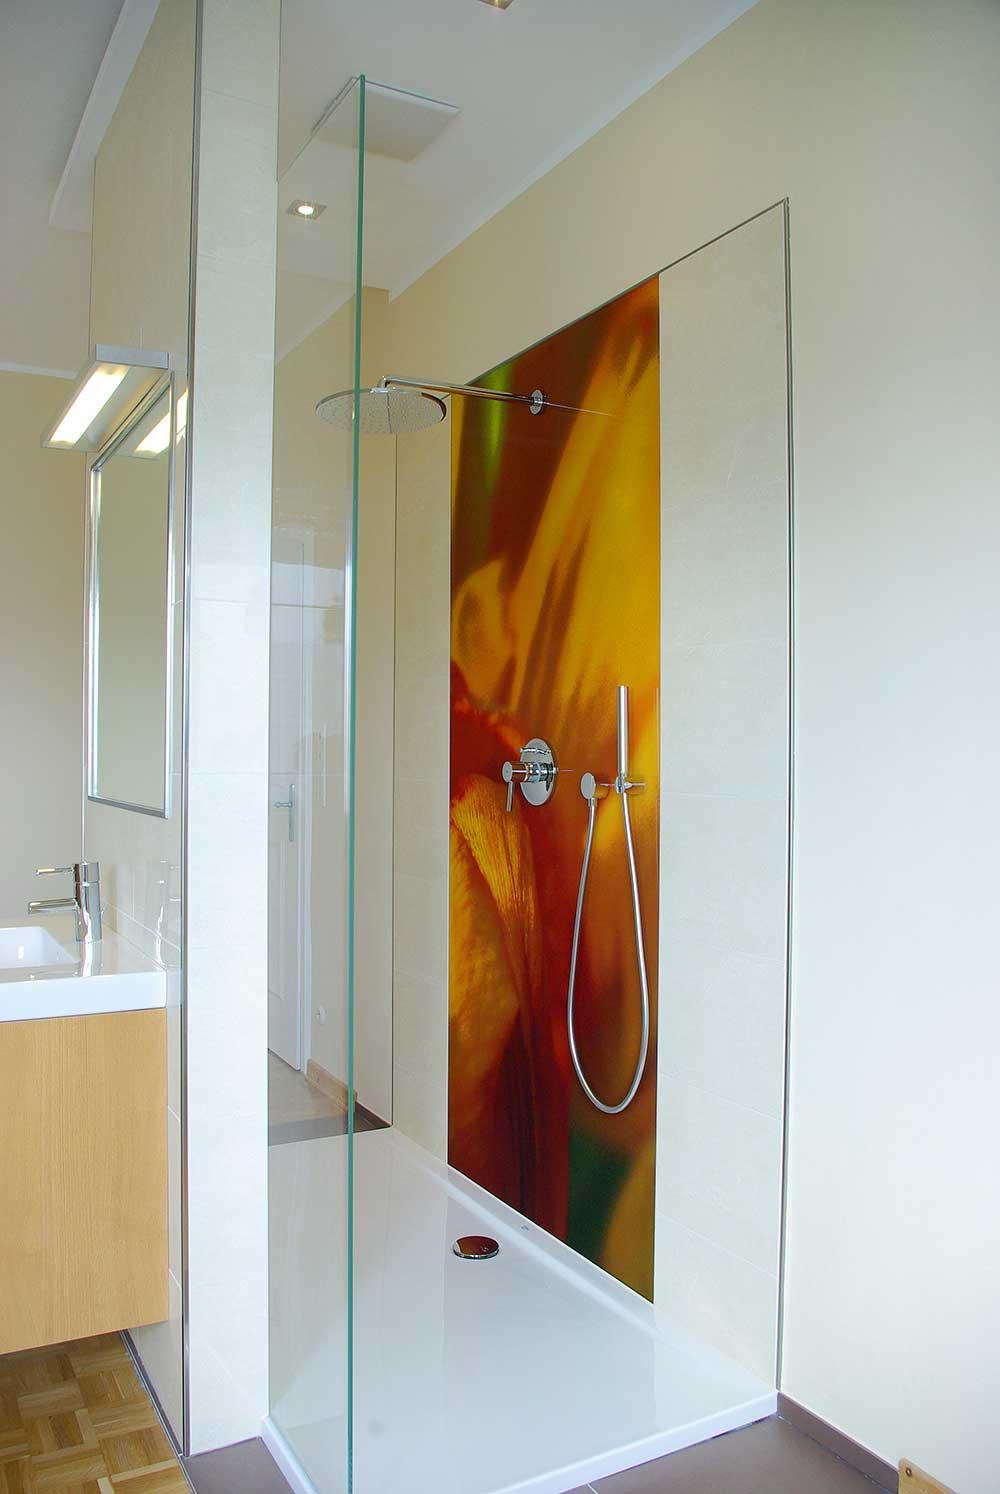 Farbige Duschrückwand in einer offenen, begehbaren Dusche aus bedrucktem Sicherheitsglas, nach einem individuell gestalteten Entwurf von Blüten inspiriert.